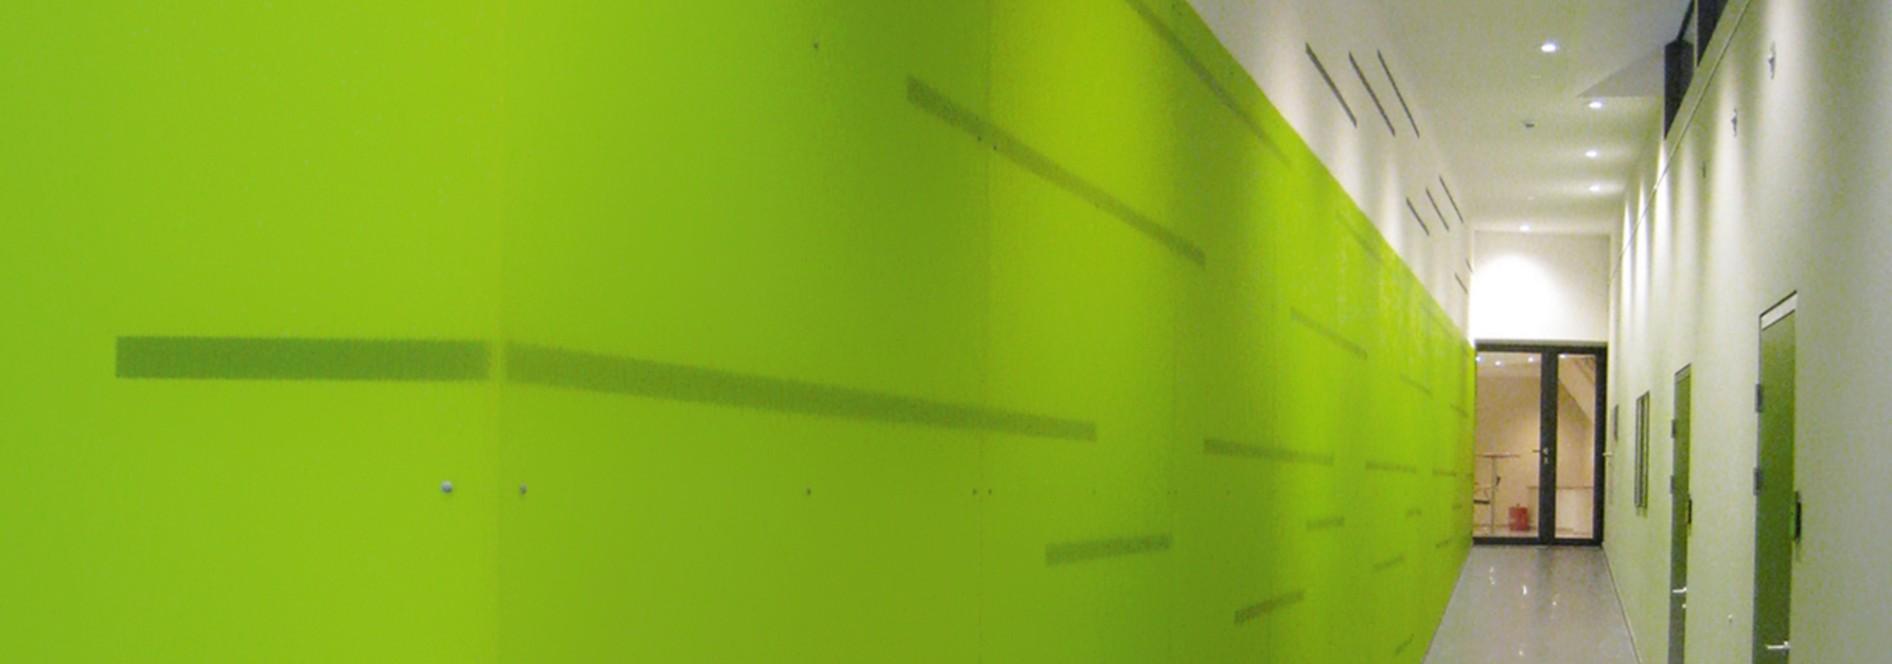 PLEXIGLAS® Satinice - Lichtstreuend, gegossen